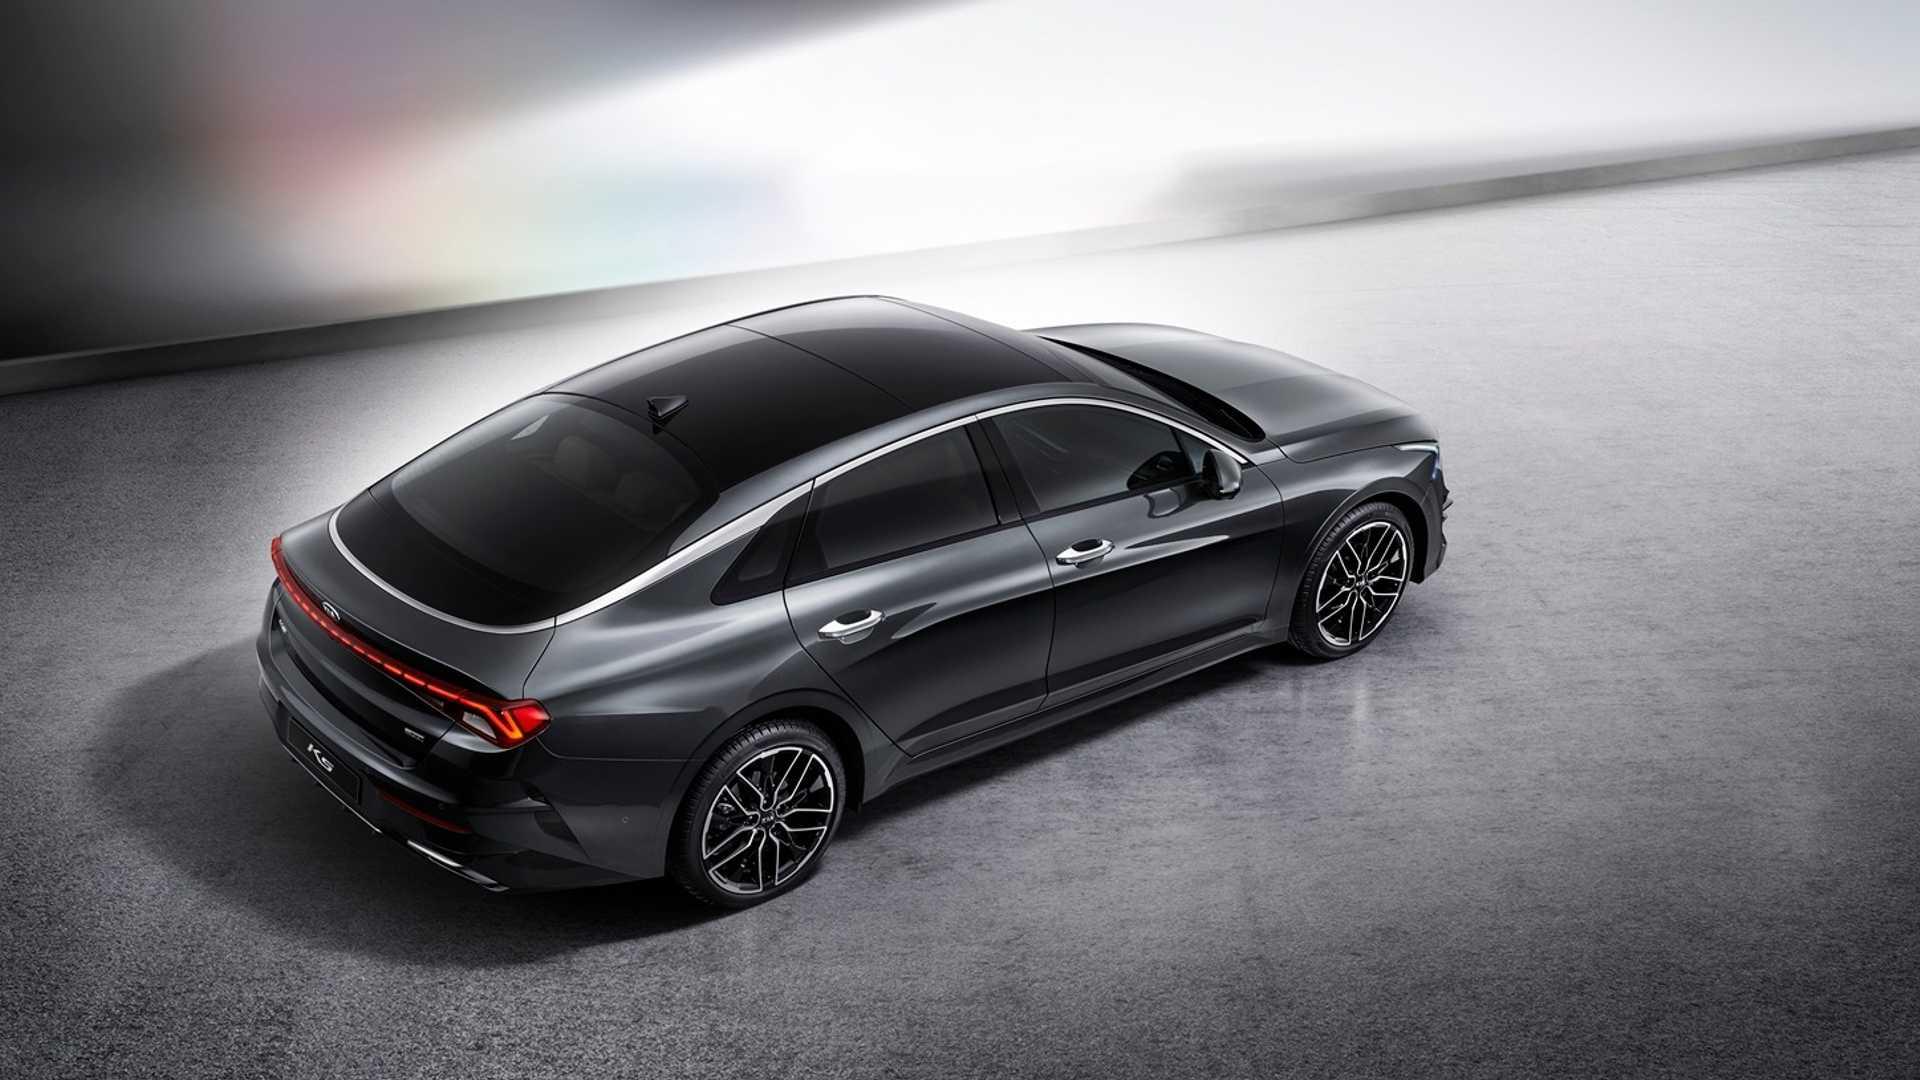 Kia Optima 2021 lộ diện với thiết kế thể thao - 9